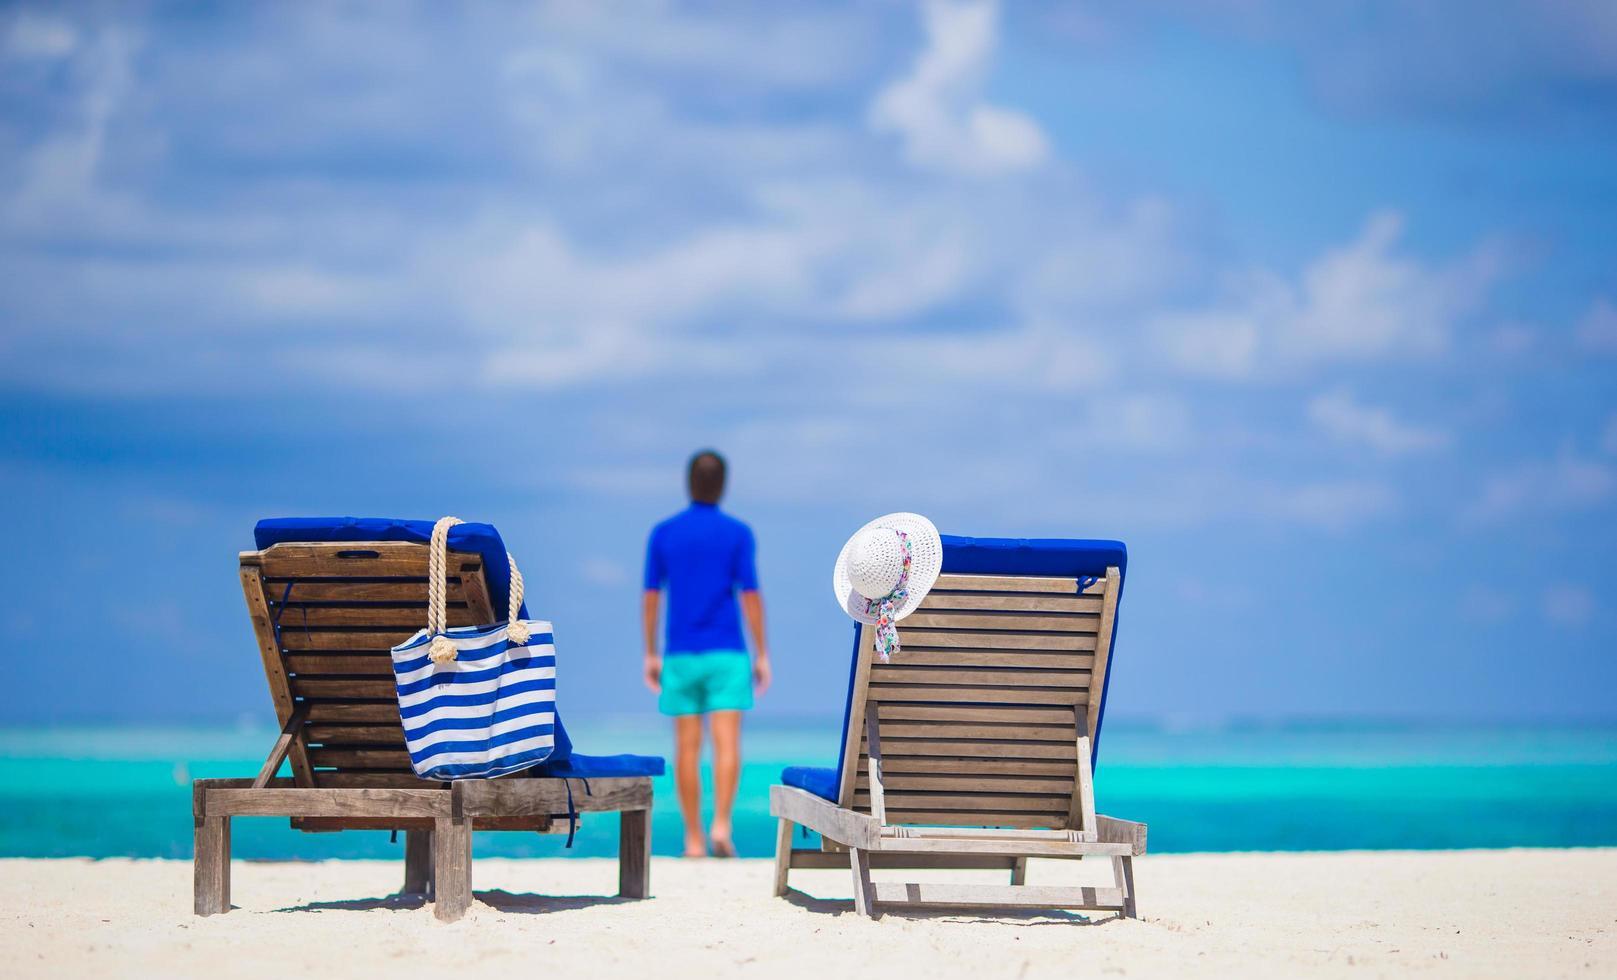 espreguiçadeiras na praia com uma pessoa à distância foto